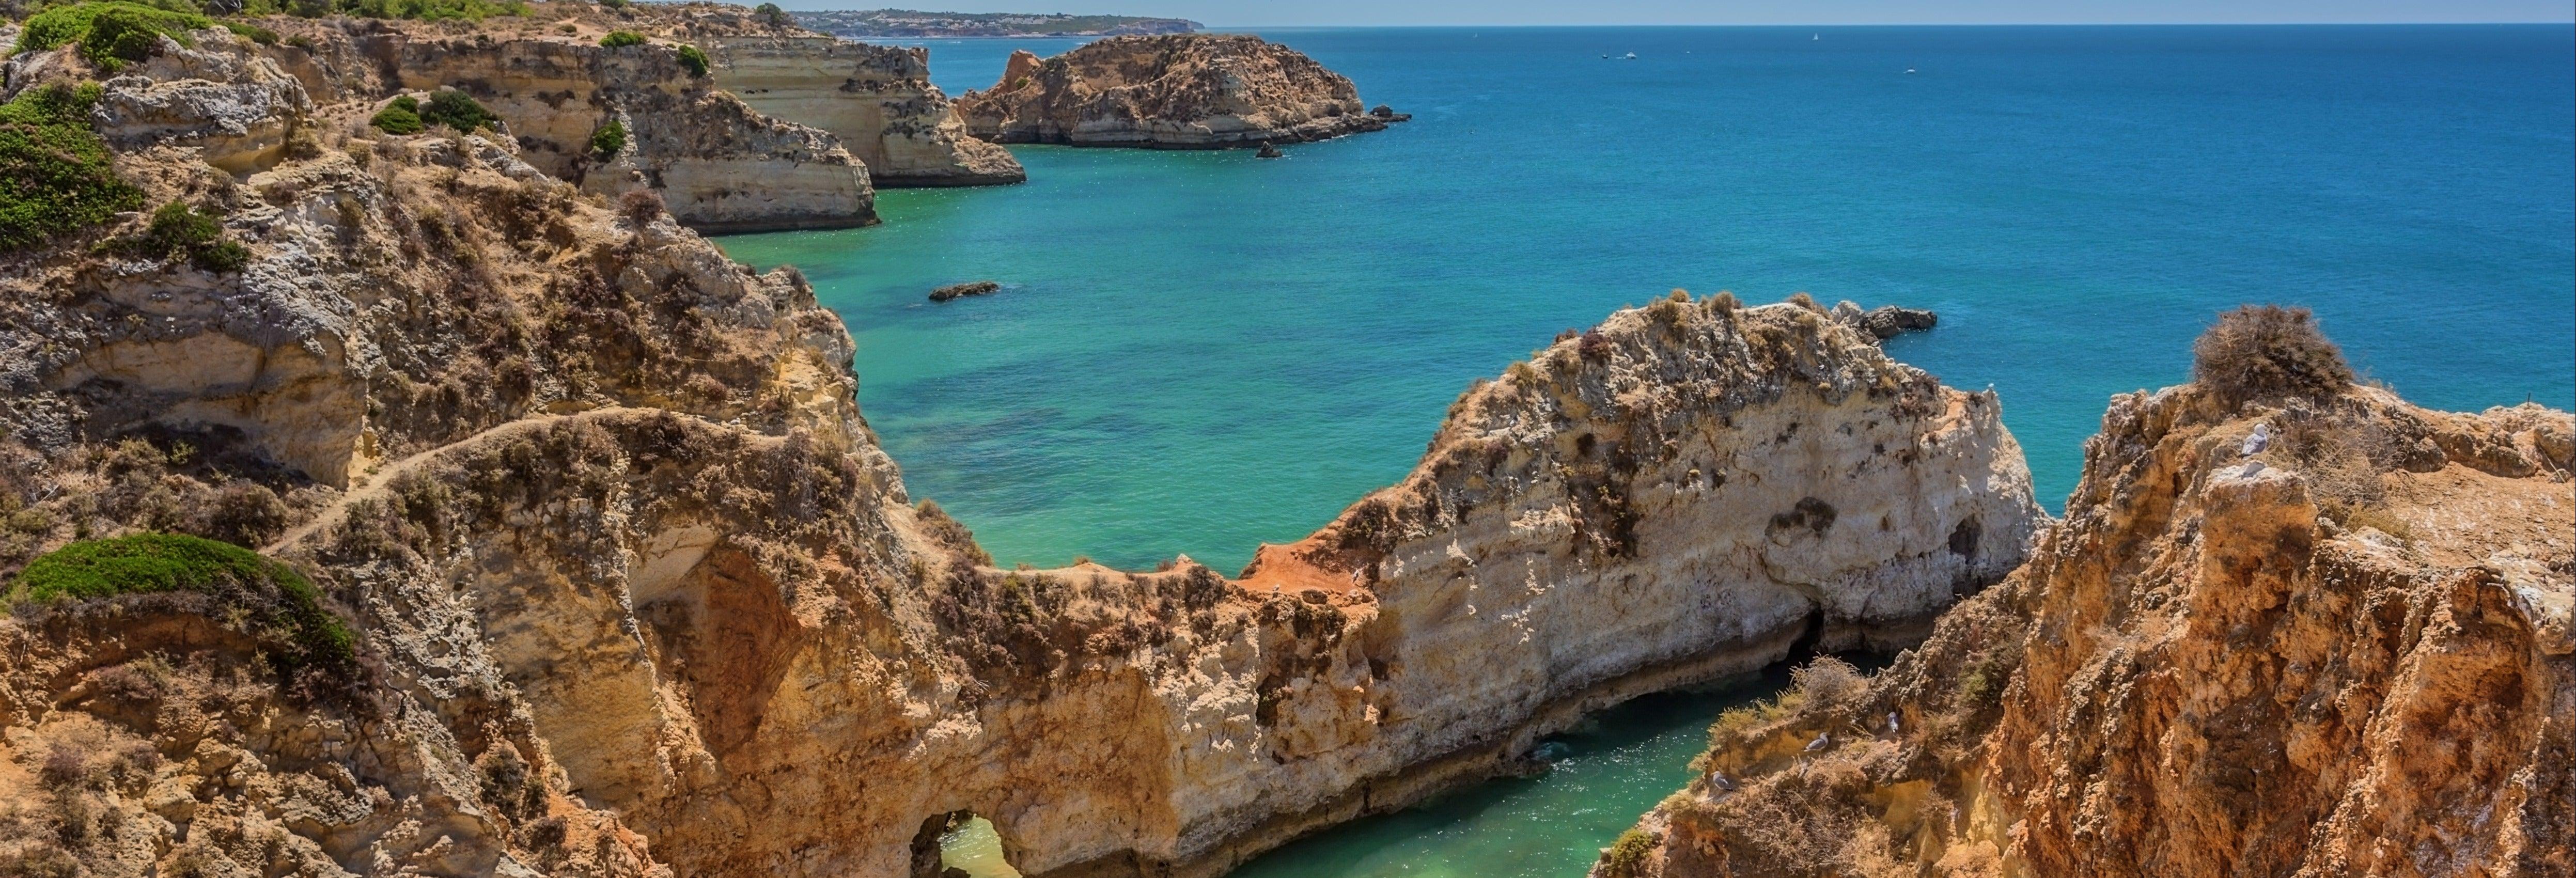 Escursione in Algarve